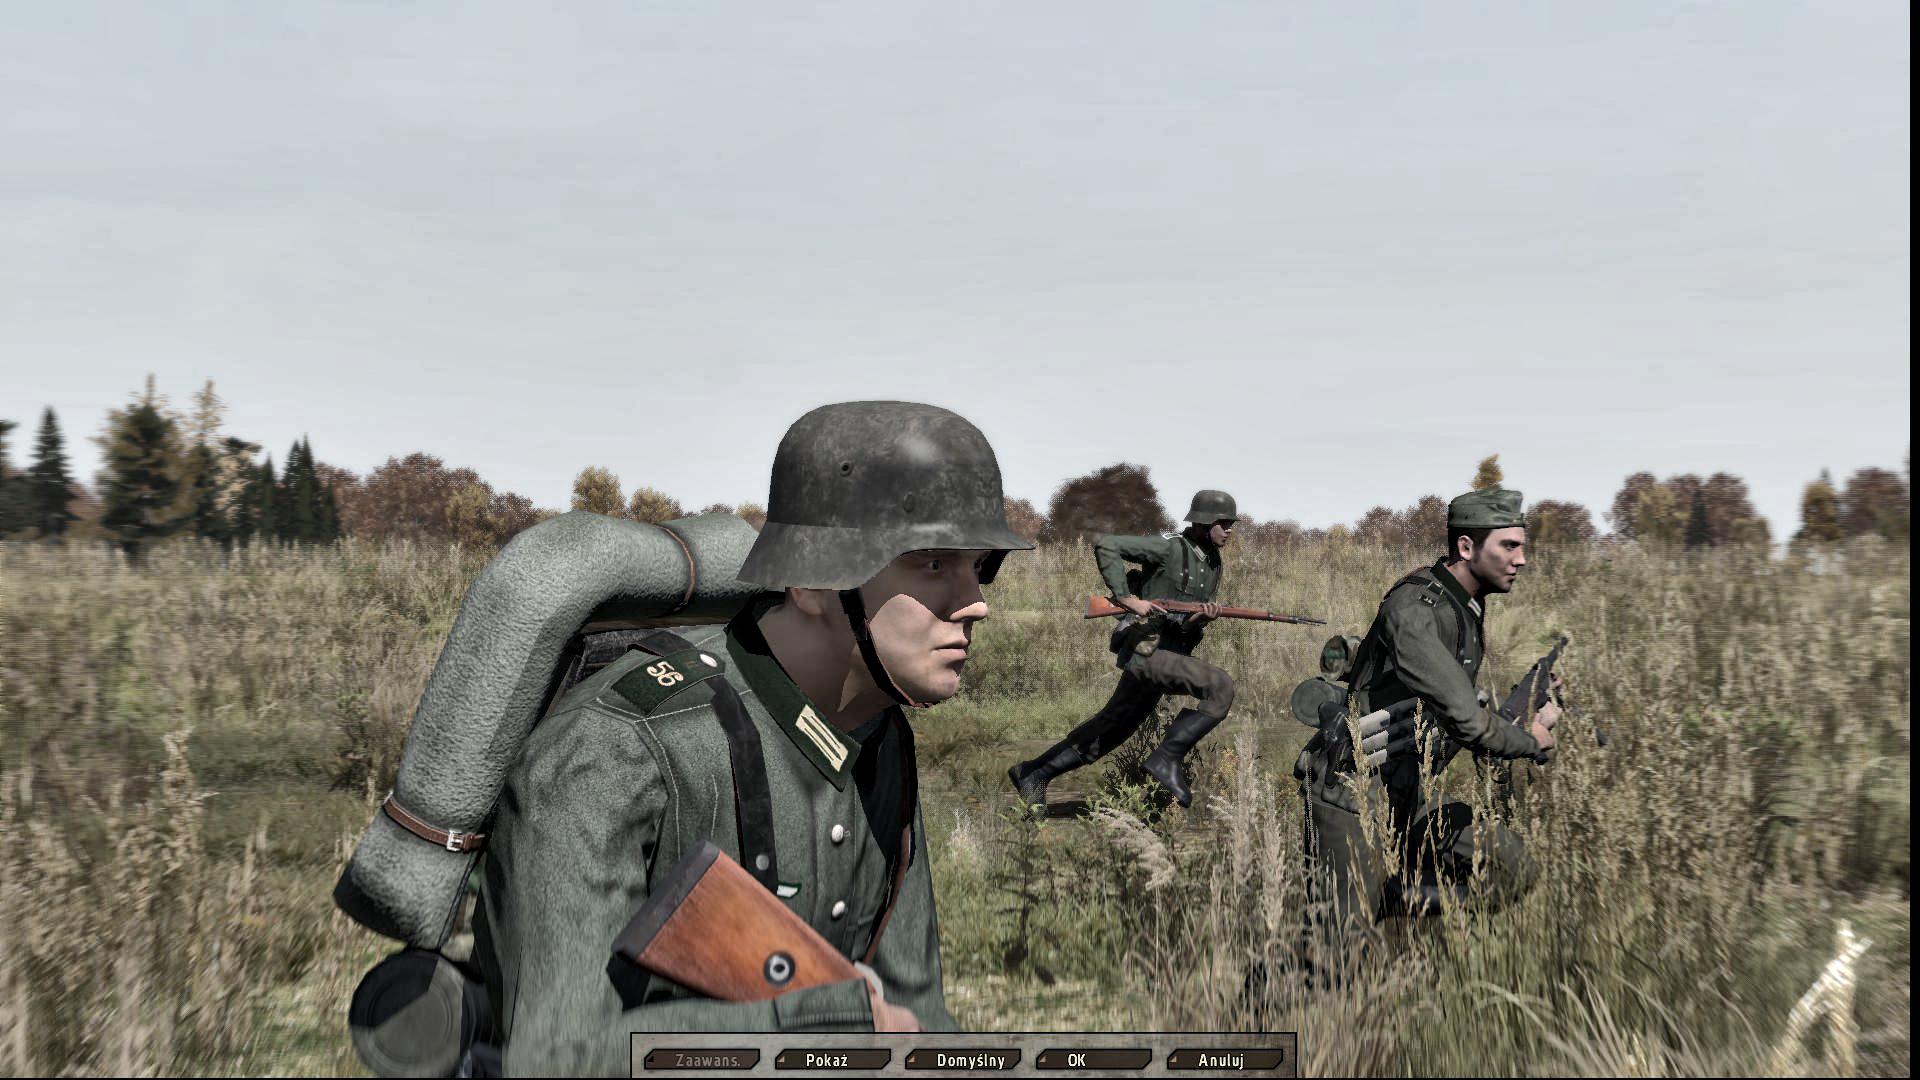 Dev Hd Wallpaper German Troops Wip Image September 1939 Wrzesień 1939